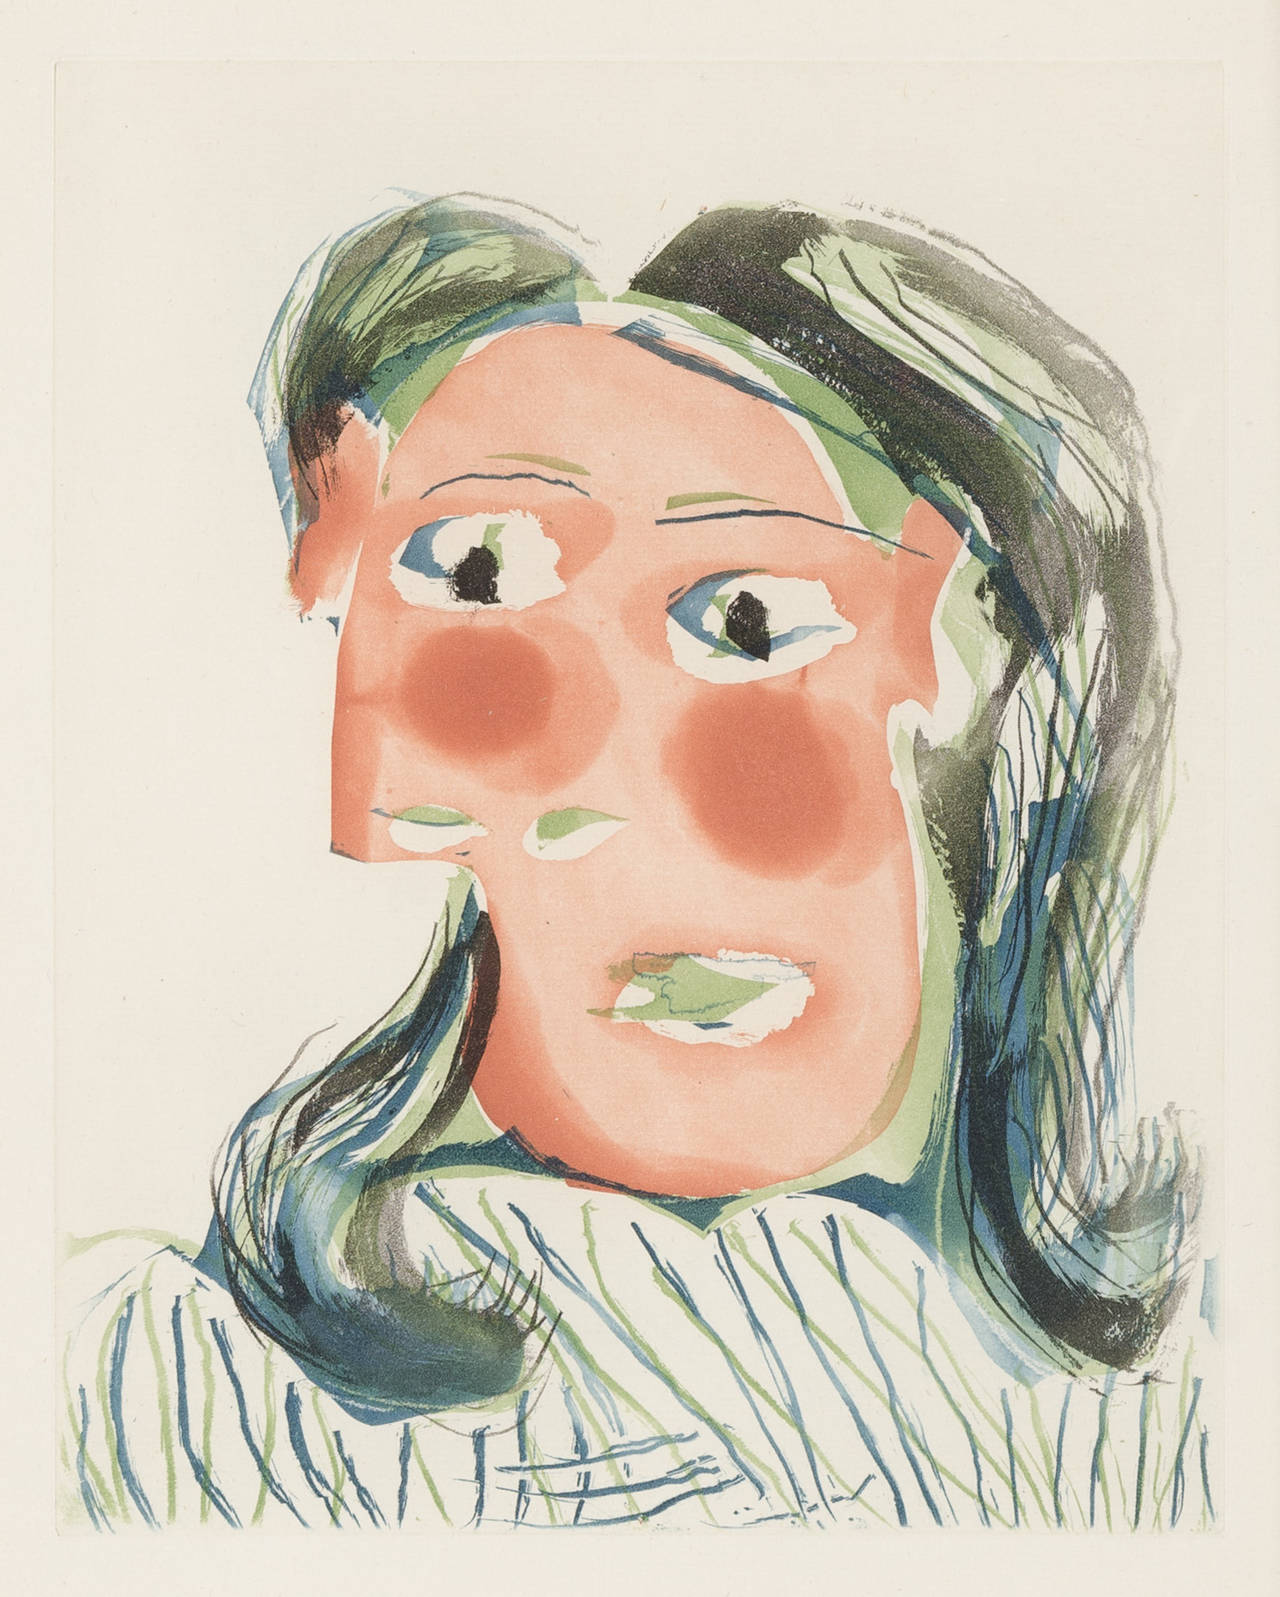 Pablo Picasso - TÊTE DE FEMME NO. 6. PORTRAIT DE DORA MAAR, Print at ...